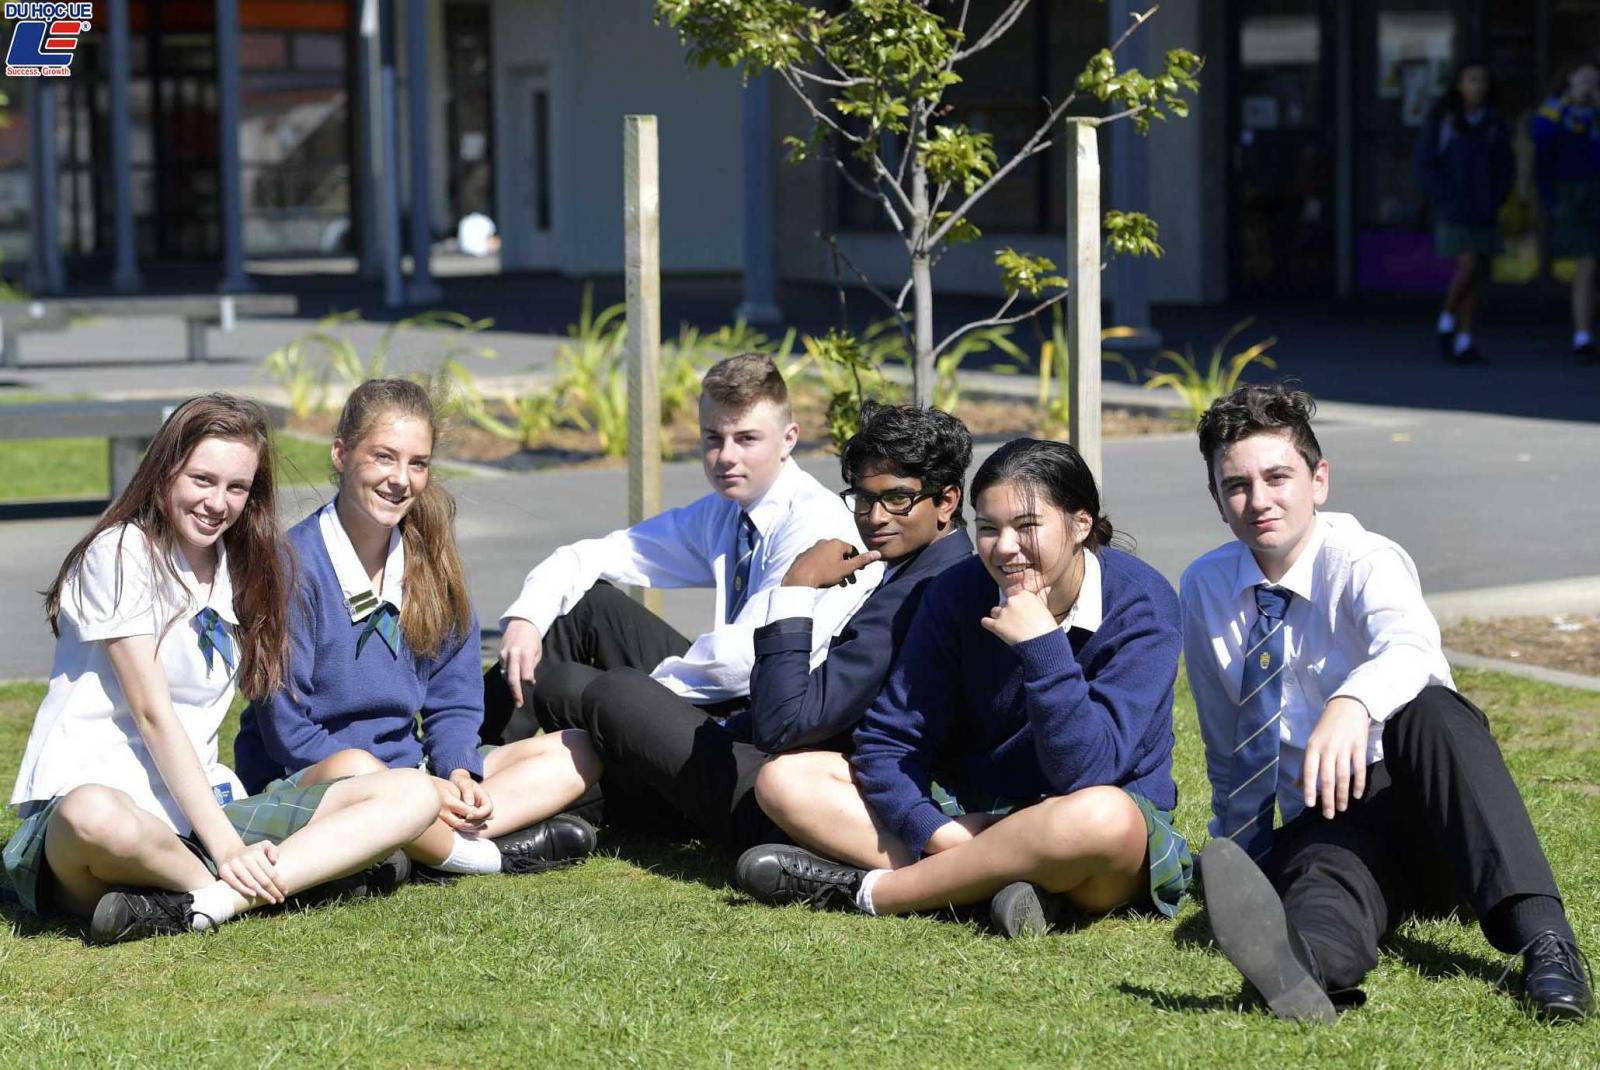 Học bổng hấp dẫn của chính phủ New Zealand dành cho chương trình trung học phổ thông vào trường Upper Hutt College 2